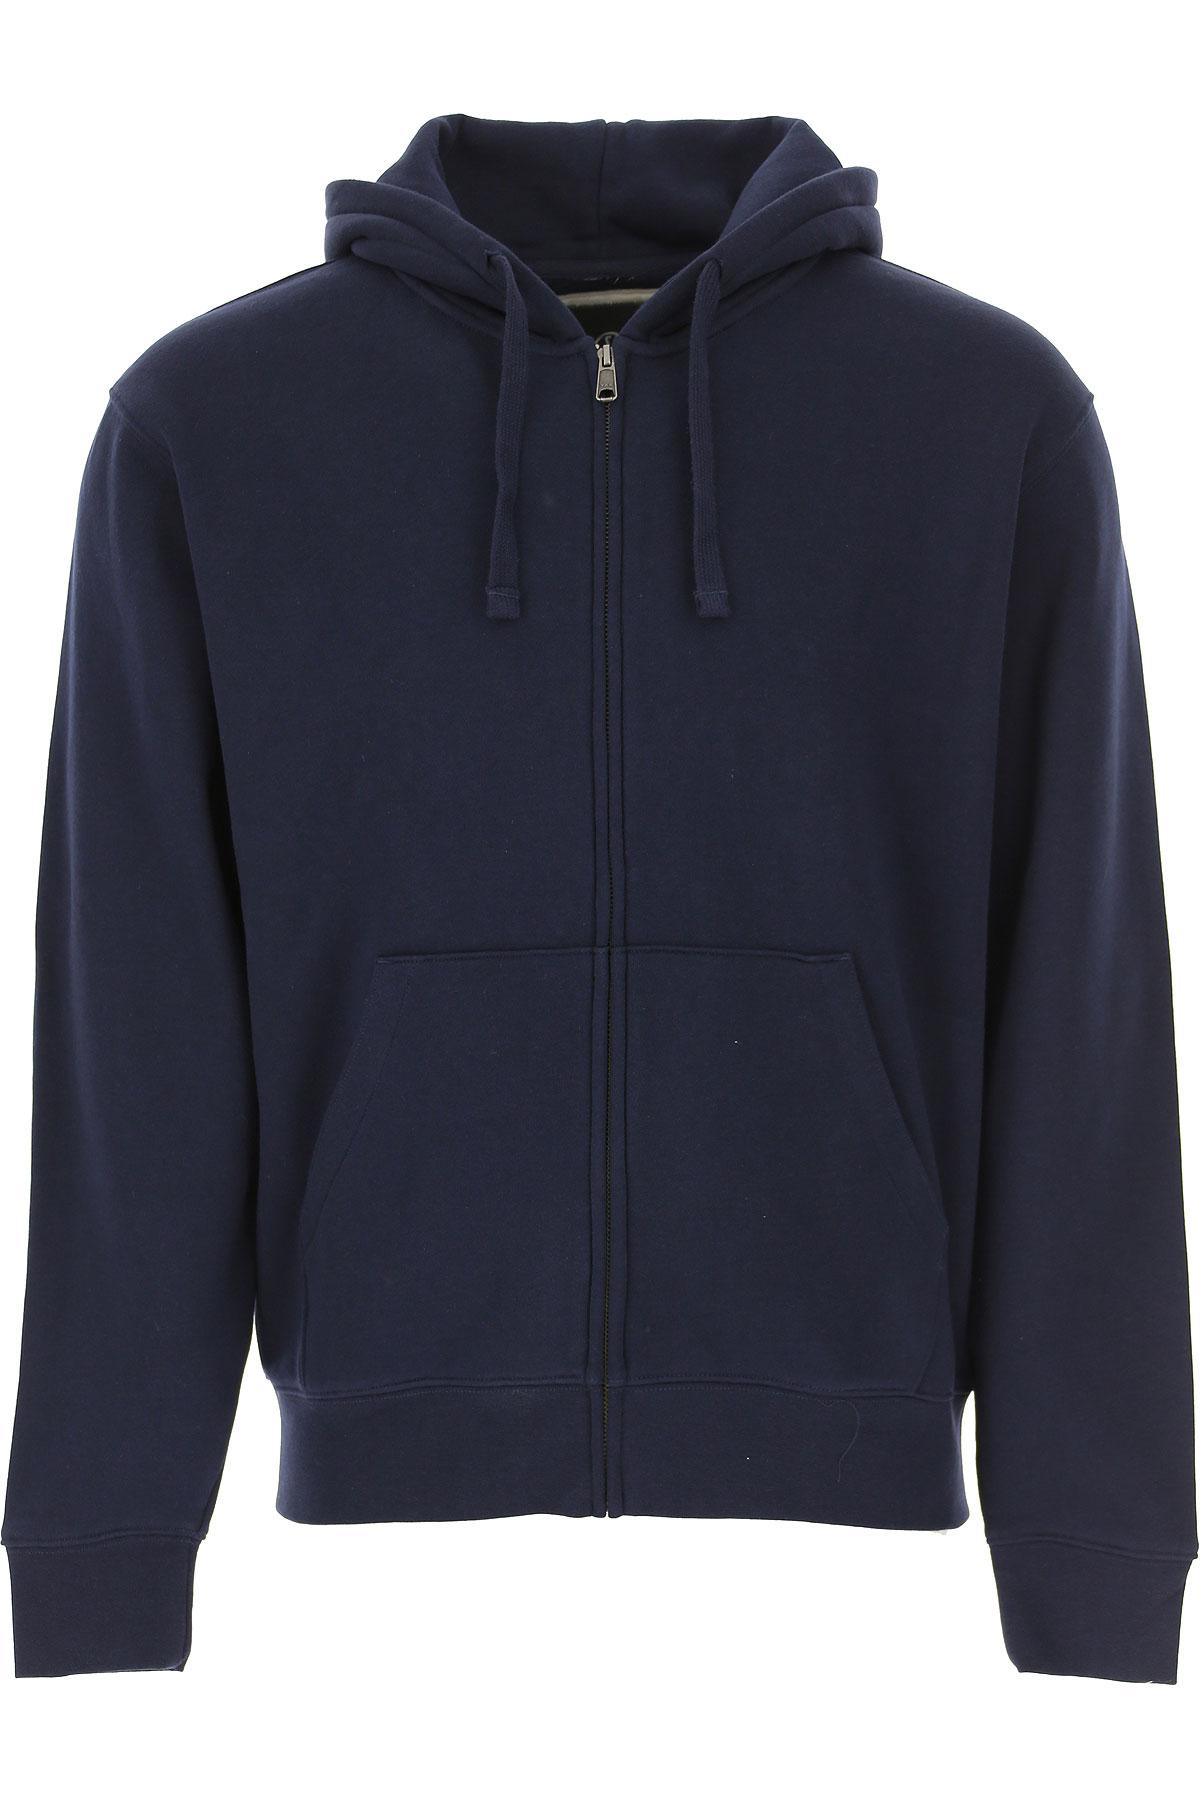 Spalding Sweatshirt for Men On Sale, Dark Navy Blue, Cotton, 2019, L M XL XXL